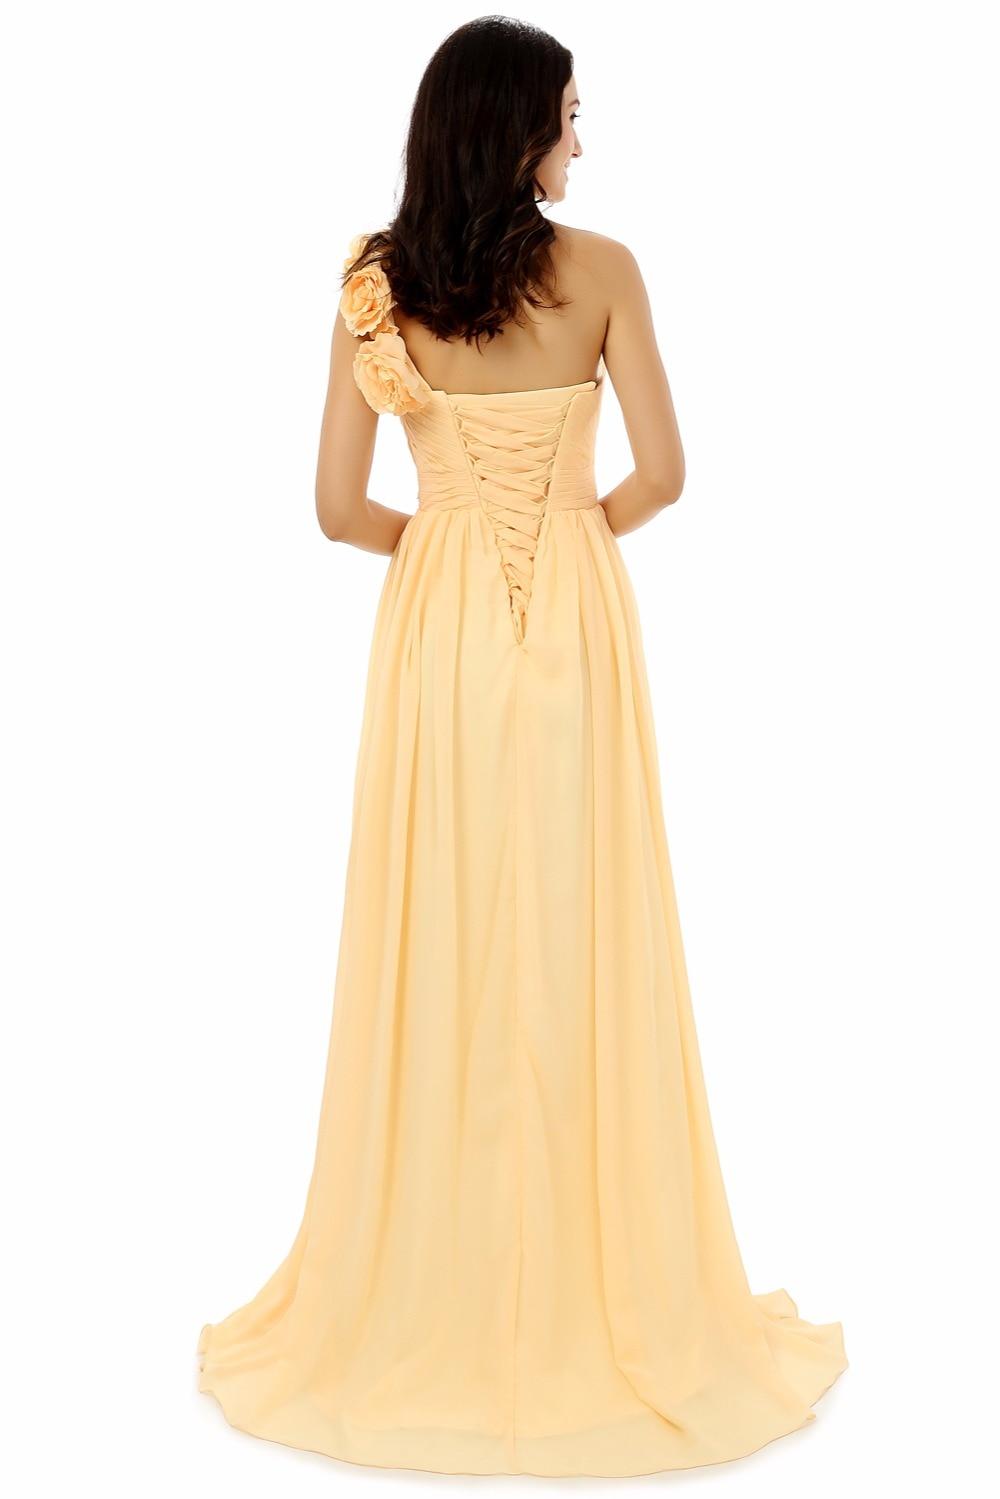 Nett Hässliche Gelbe Brautjungfer Kleid Ideen - Hochzeit Kleid Stile ...